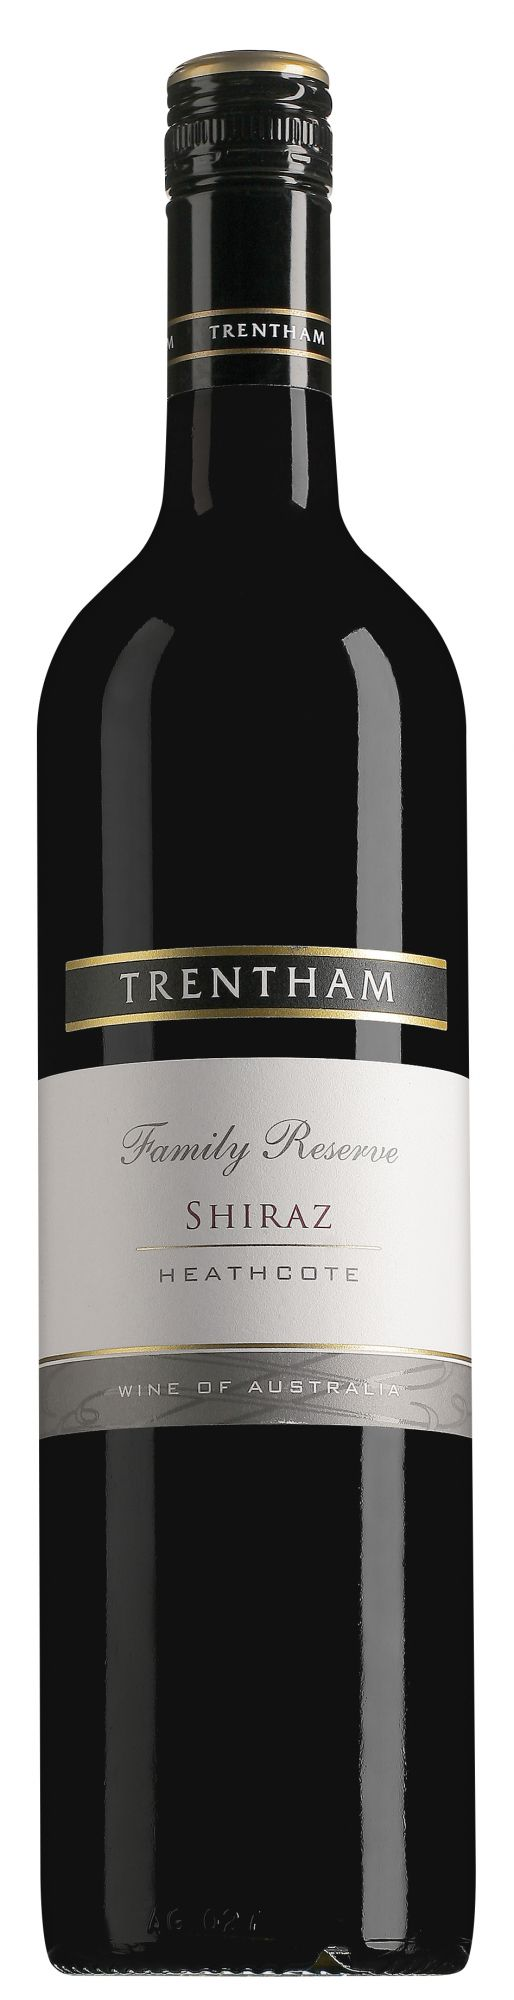 Trentham Estate Heathcote Family Reserve Shiraz